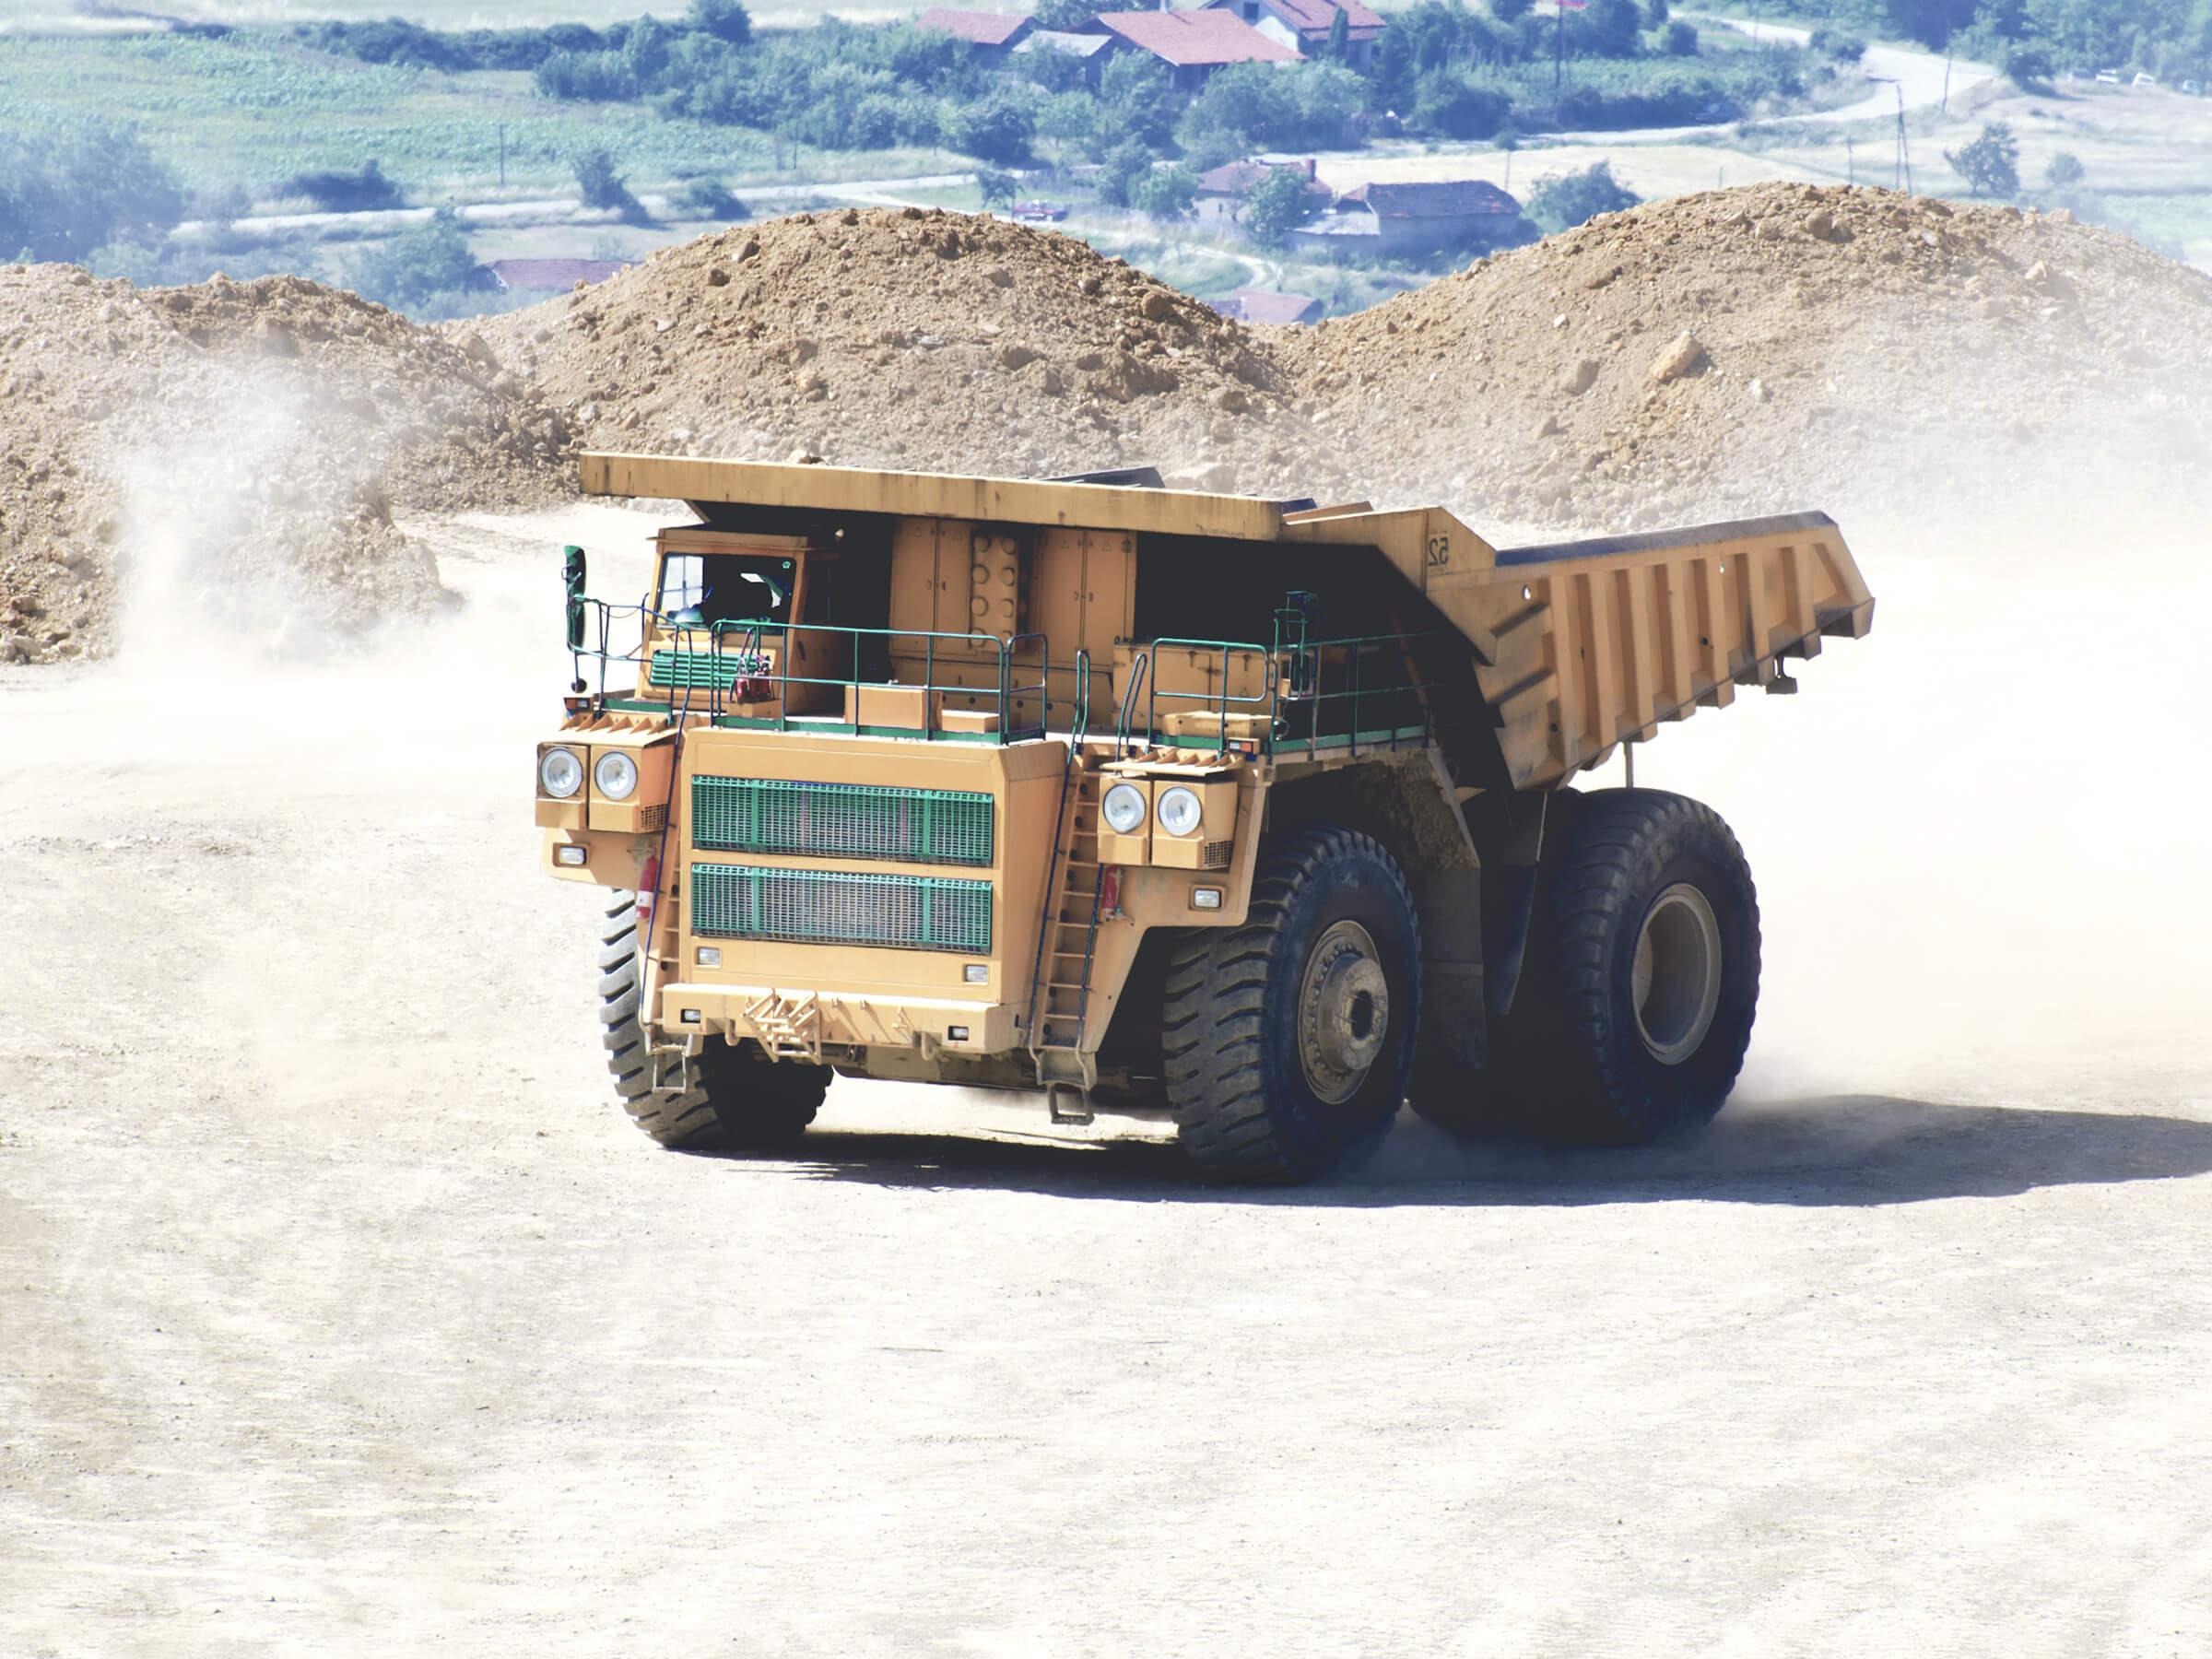 Nákladní automobil na převážení horniny